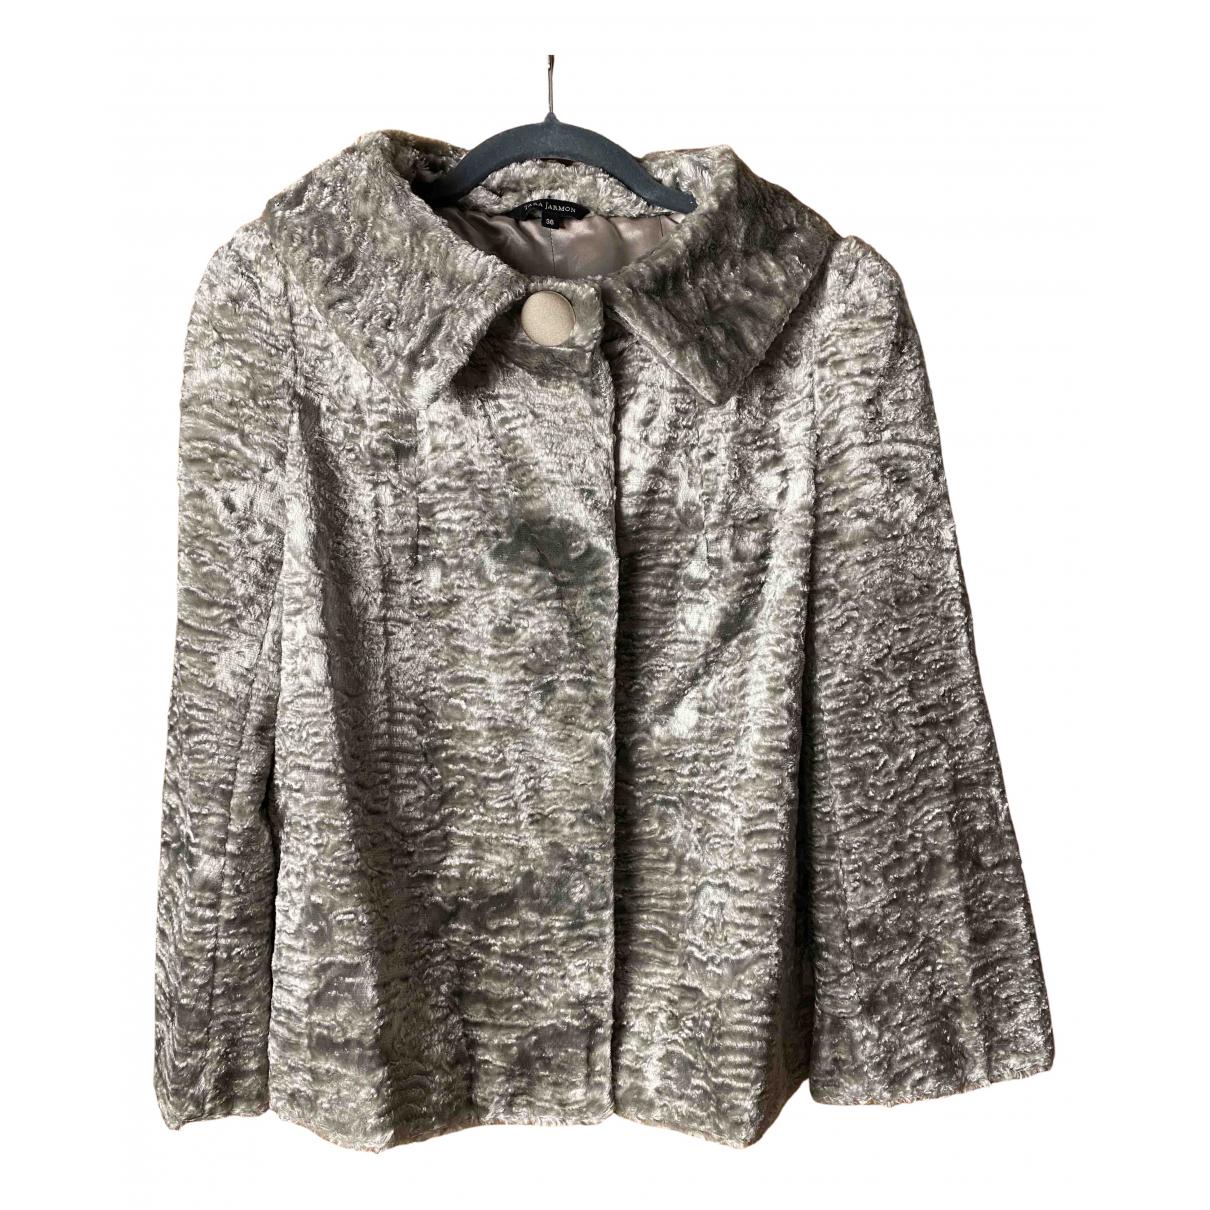 Tara Jarmon - Manteau   pour femme en fourrure synthetique - gris